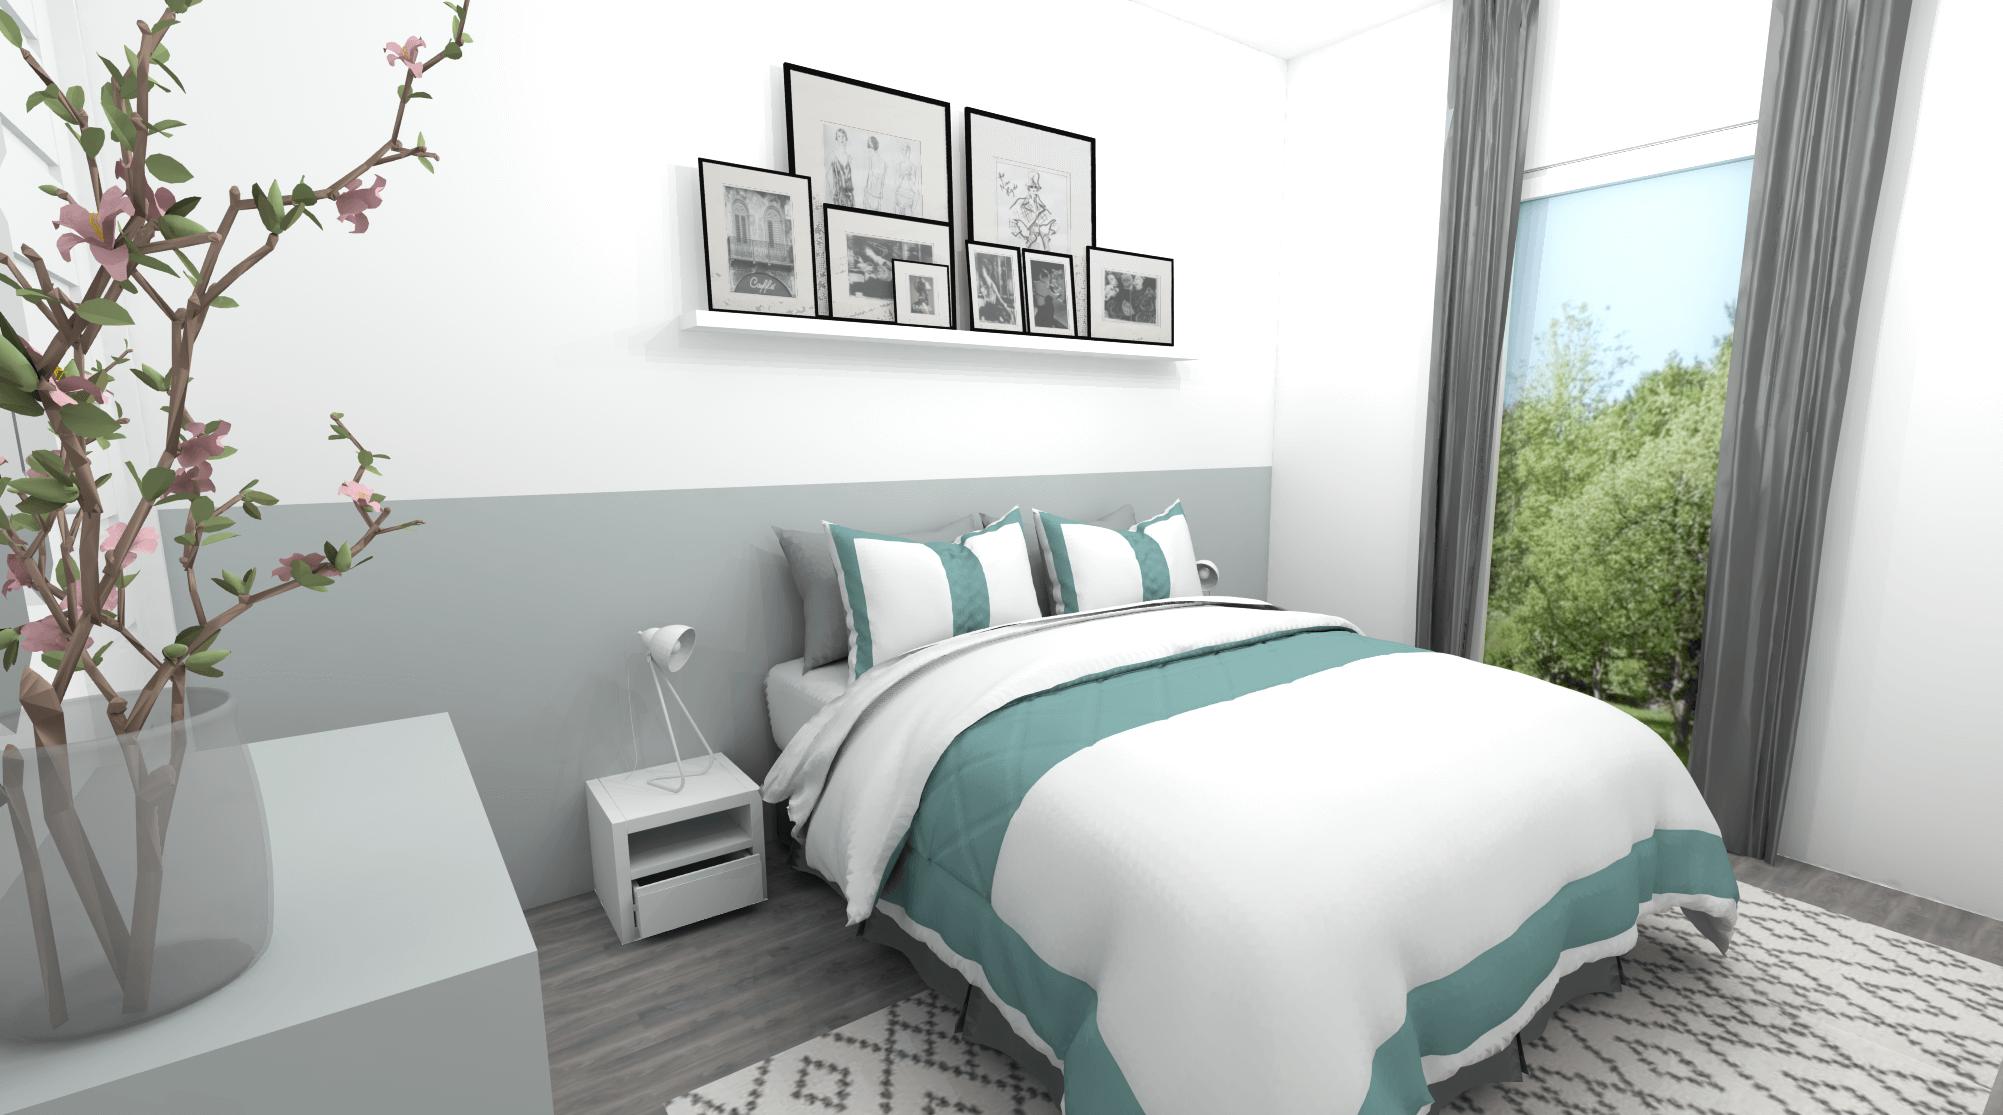 Chambre Ouverte Salle De Bain décoration et aménagement de chambres - e-interiorconcept